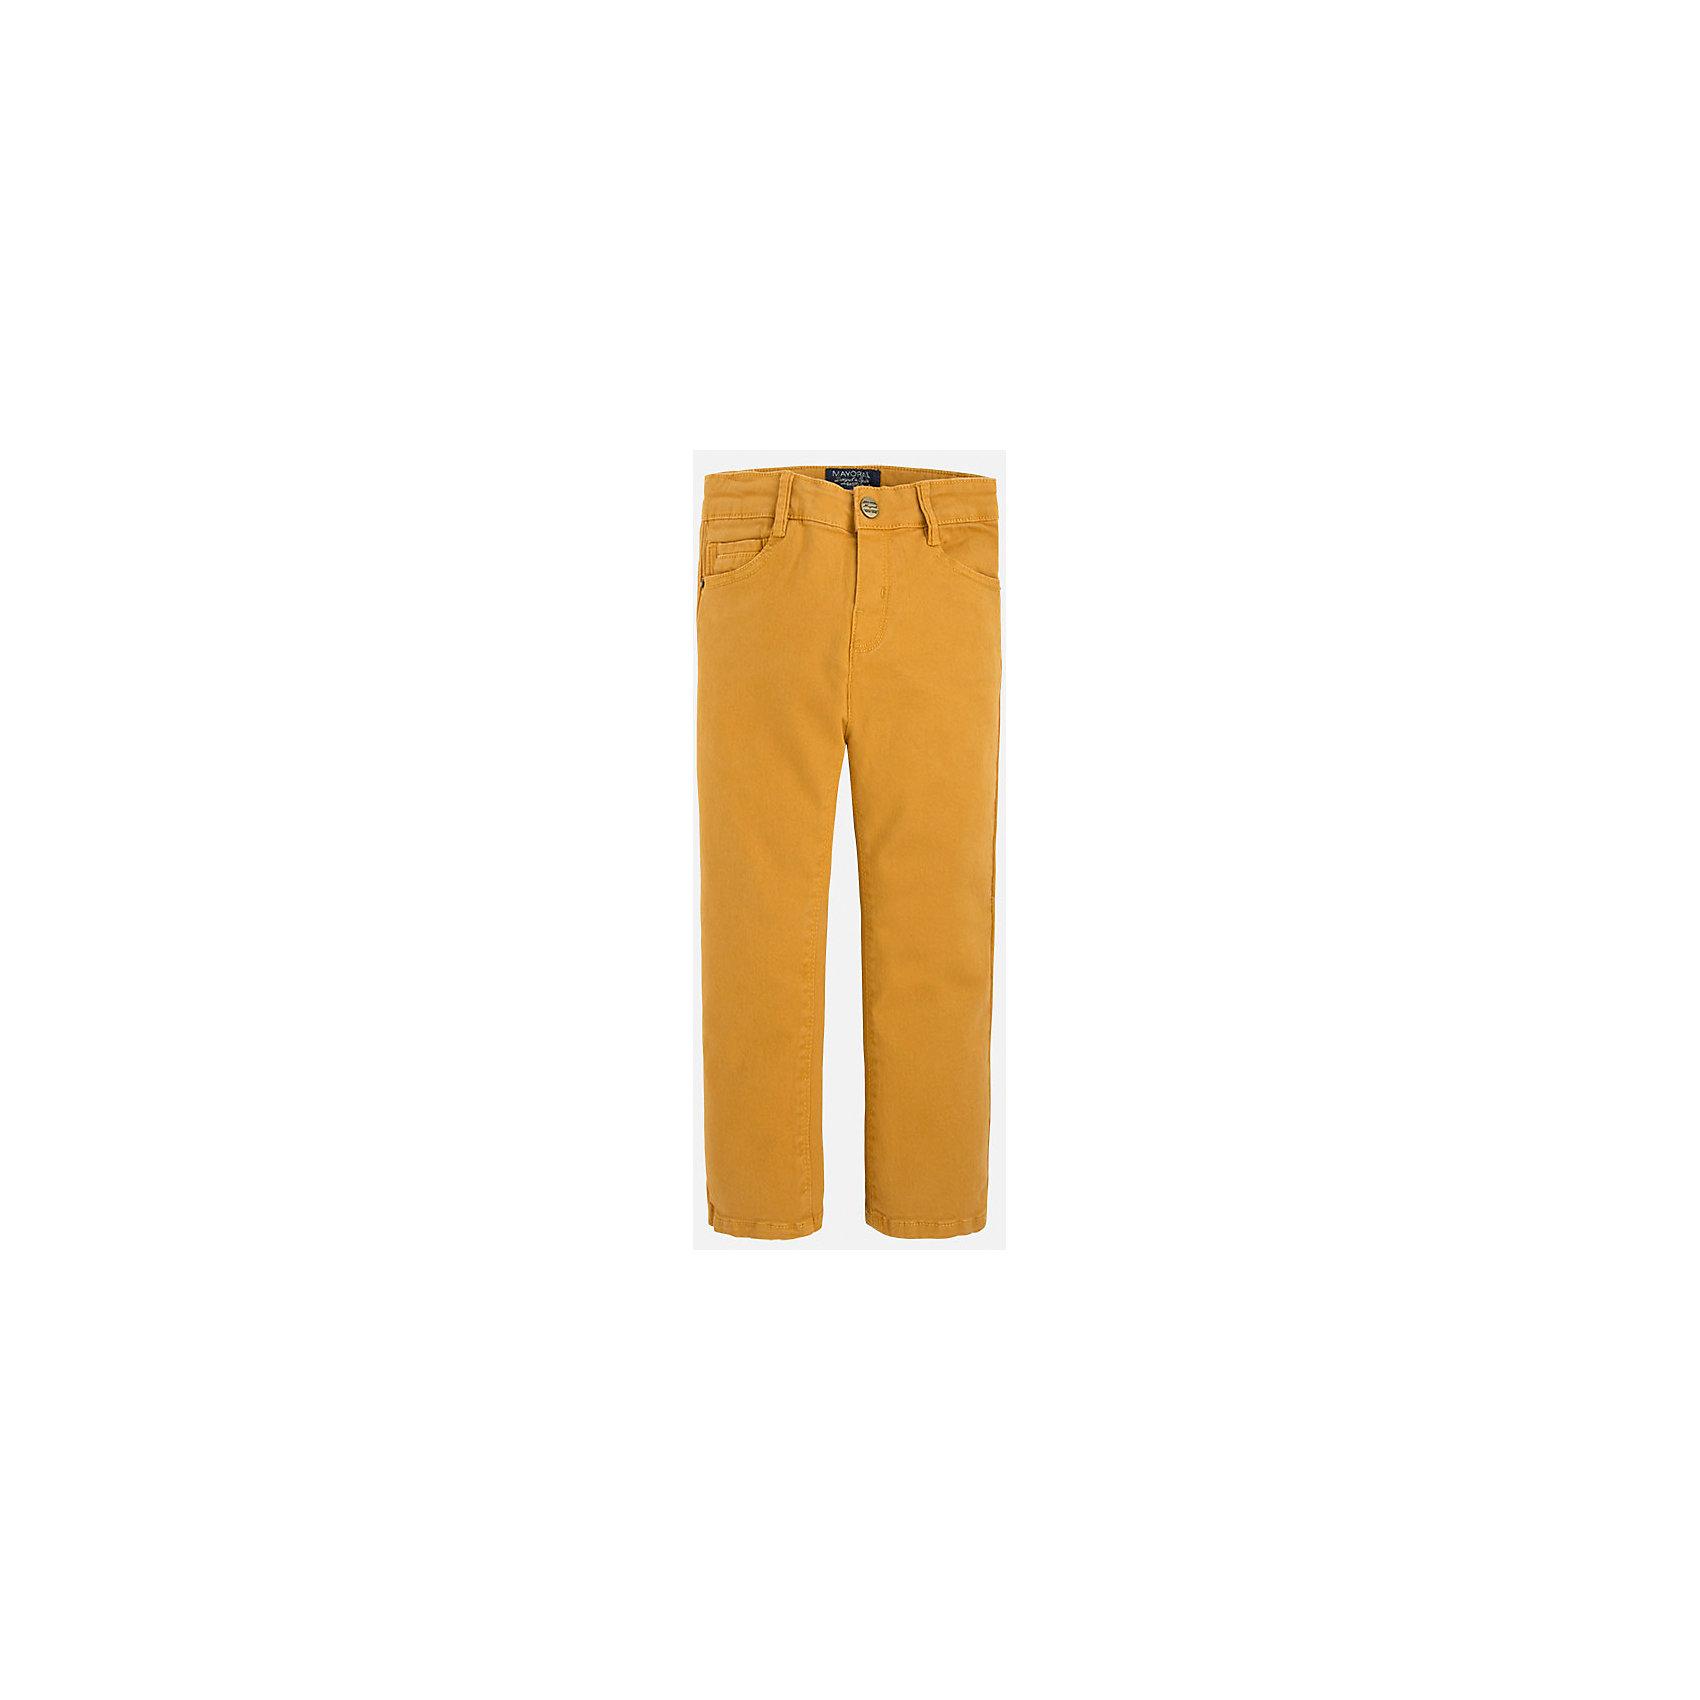 Брюки для мальчика MayoralДжинсы и брючки<br>Брюки для мальчика Mayoral (Майорал)<br>Ультрамодные брюки от известной испанской марки Mayoral (Майорал), выполненные из хлопковой ткани с небольшим содержанием эластана, станут прекрасным дополнением гардероба вашего мальчика. Брюки на поясе застегиваются на пуговицу, а также имеют ширинку на застежке-молнии и шлевки для ремня, объем талии регулируется. Модель имеет два кармана и кармашек для ключей спереди и два накладных кармана сзади.<br><br>Дополнительная информация:<br><br>- Цвет: медовый<br>- Состав: 98% хлопок, 2% эластан<br>- Уход: бережная стирка при 30 градусах<br><br>Брюки для мальчика Mayoral (Майорал) можно купить в нашем интернет-магазине.<br><br>Ширина мм: 215<br>Глубина мм: 88<br>Высота мм: 191<br>Вес г: 336<br>Цвет: бежевый<br>Возраст от месяцев: 18<br>Возраст до месяцев: 24<br>Пол: Мужской<br>Возраст: Детский<br>Размер: 92,110,104,98,134,128,122,116<br>SKU: 4820887